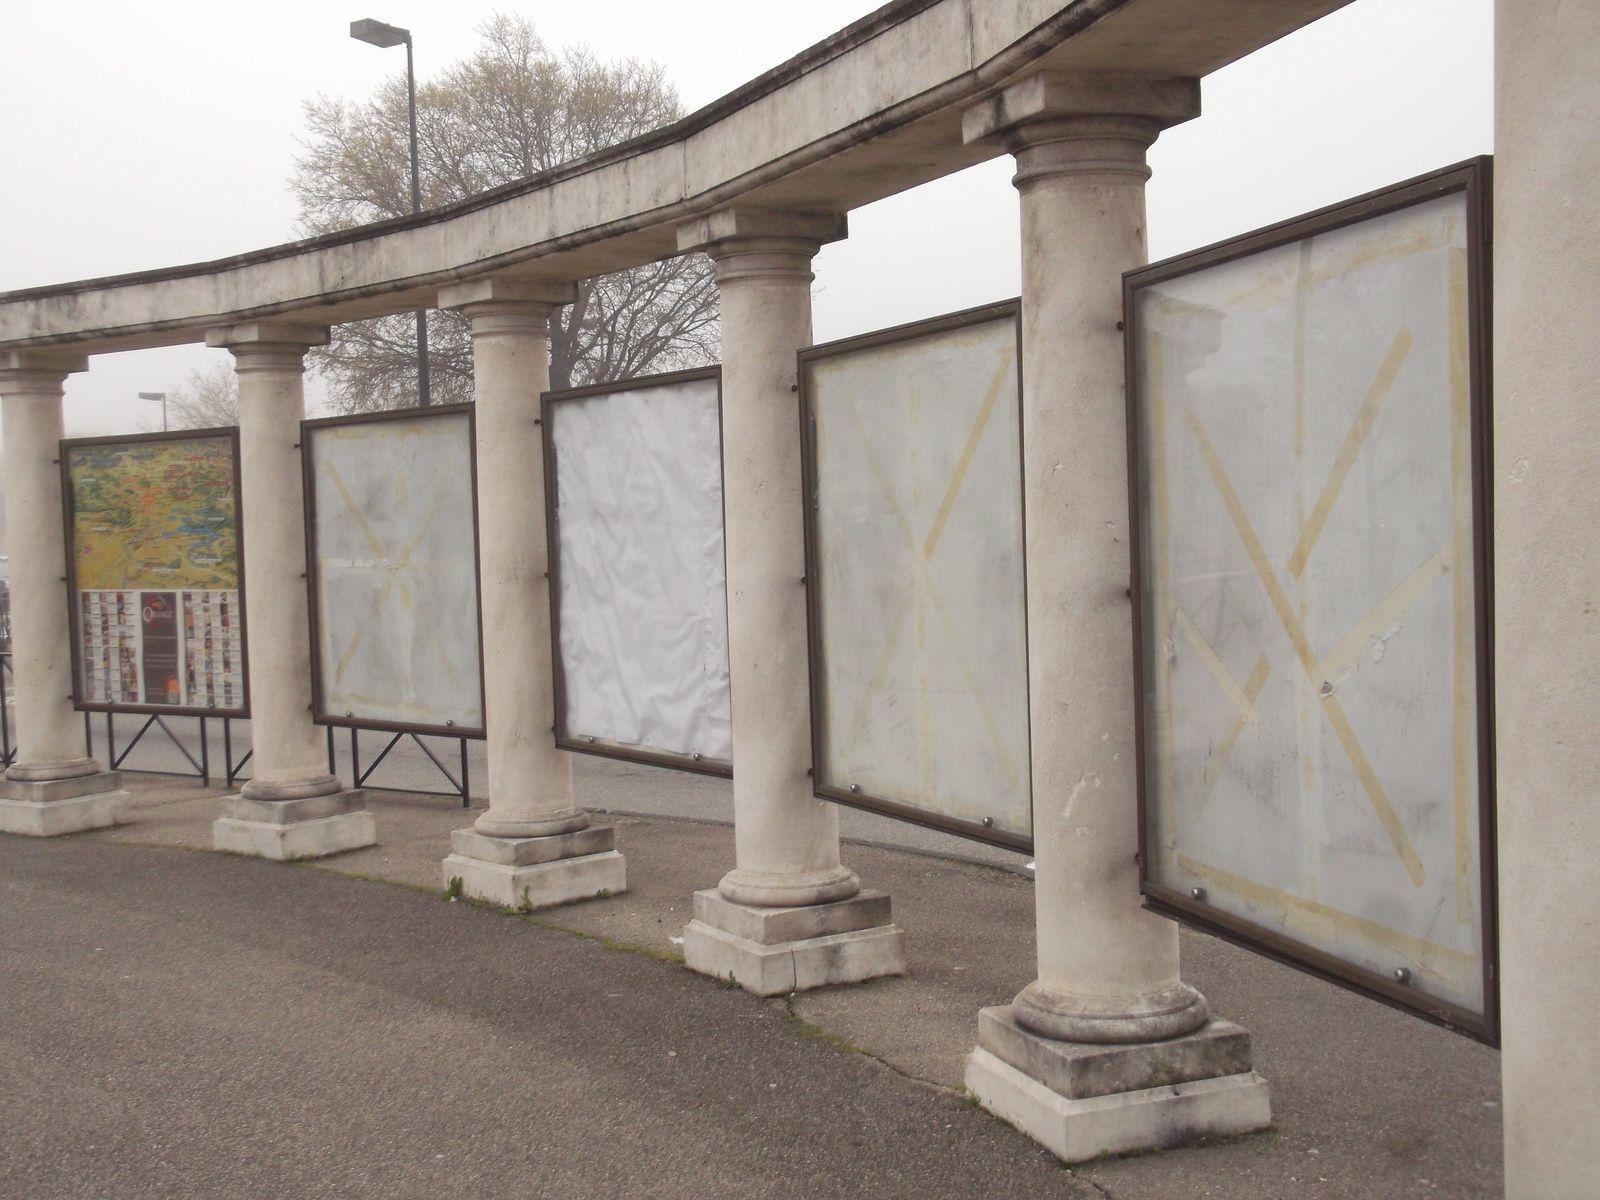 Site cracra : Plans de la ville qui occupaient ces vitrines, très abimés ont été retirés depuis plus de 10 mois. Ils attendent quoi pour les remplacer.